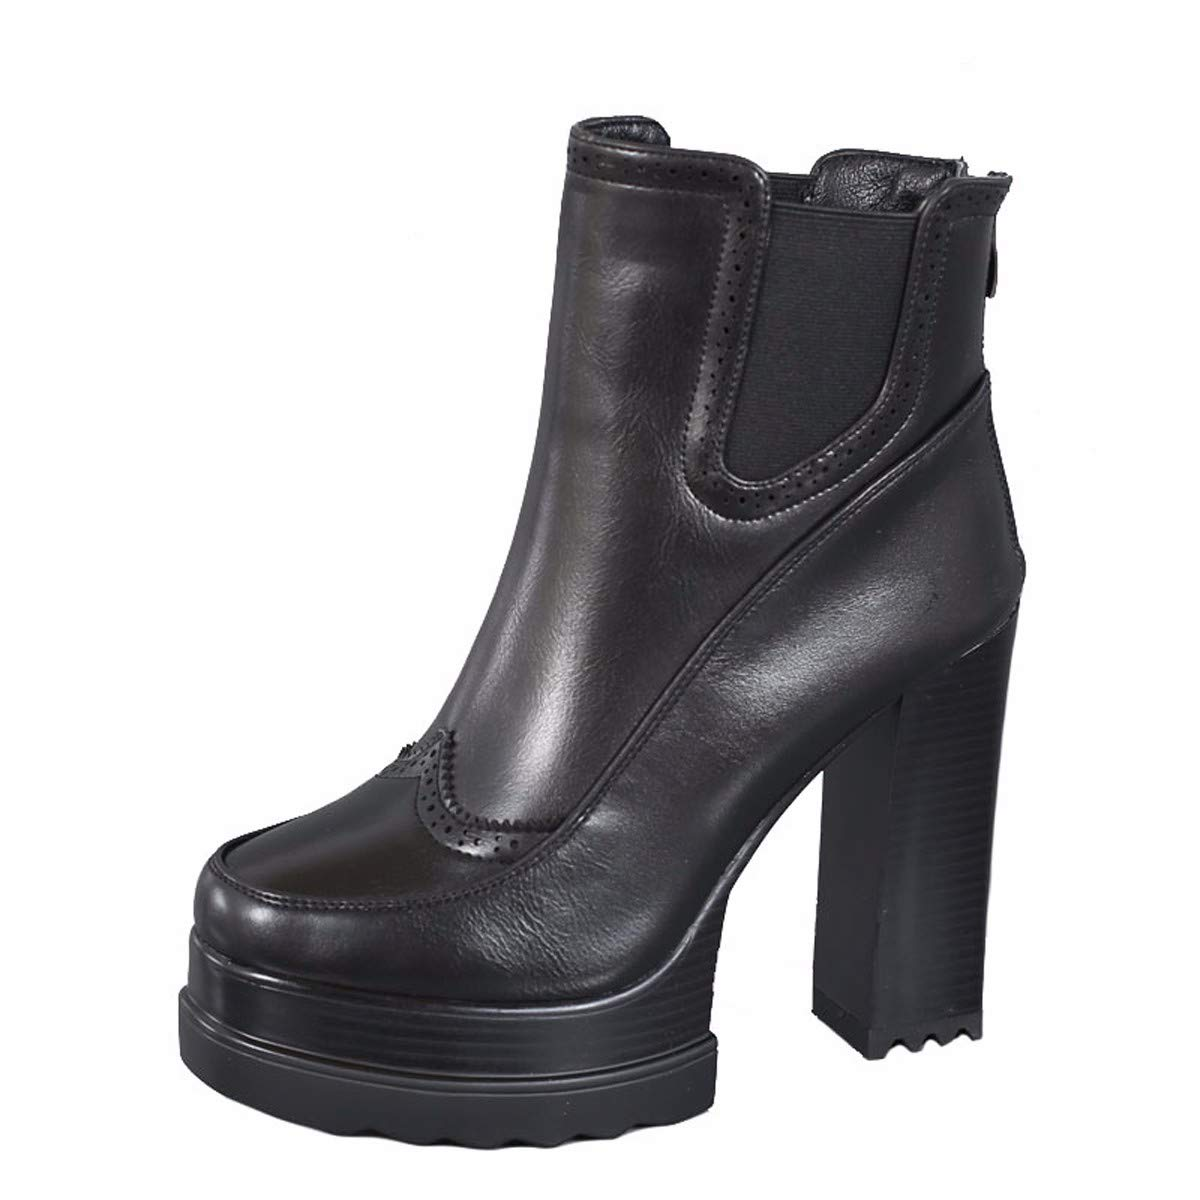 noir Thirty-six HBDLH Chaussures pour Femmes Peu De Bottes Haut 12Cm Dur Imperméable Noir Wild Mahomme Dingxue